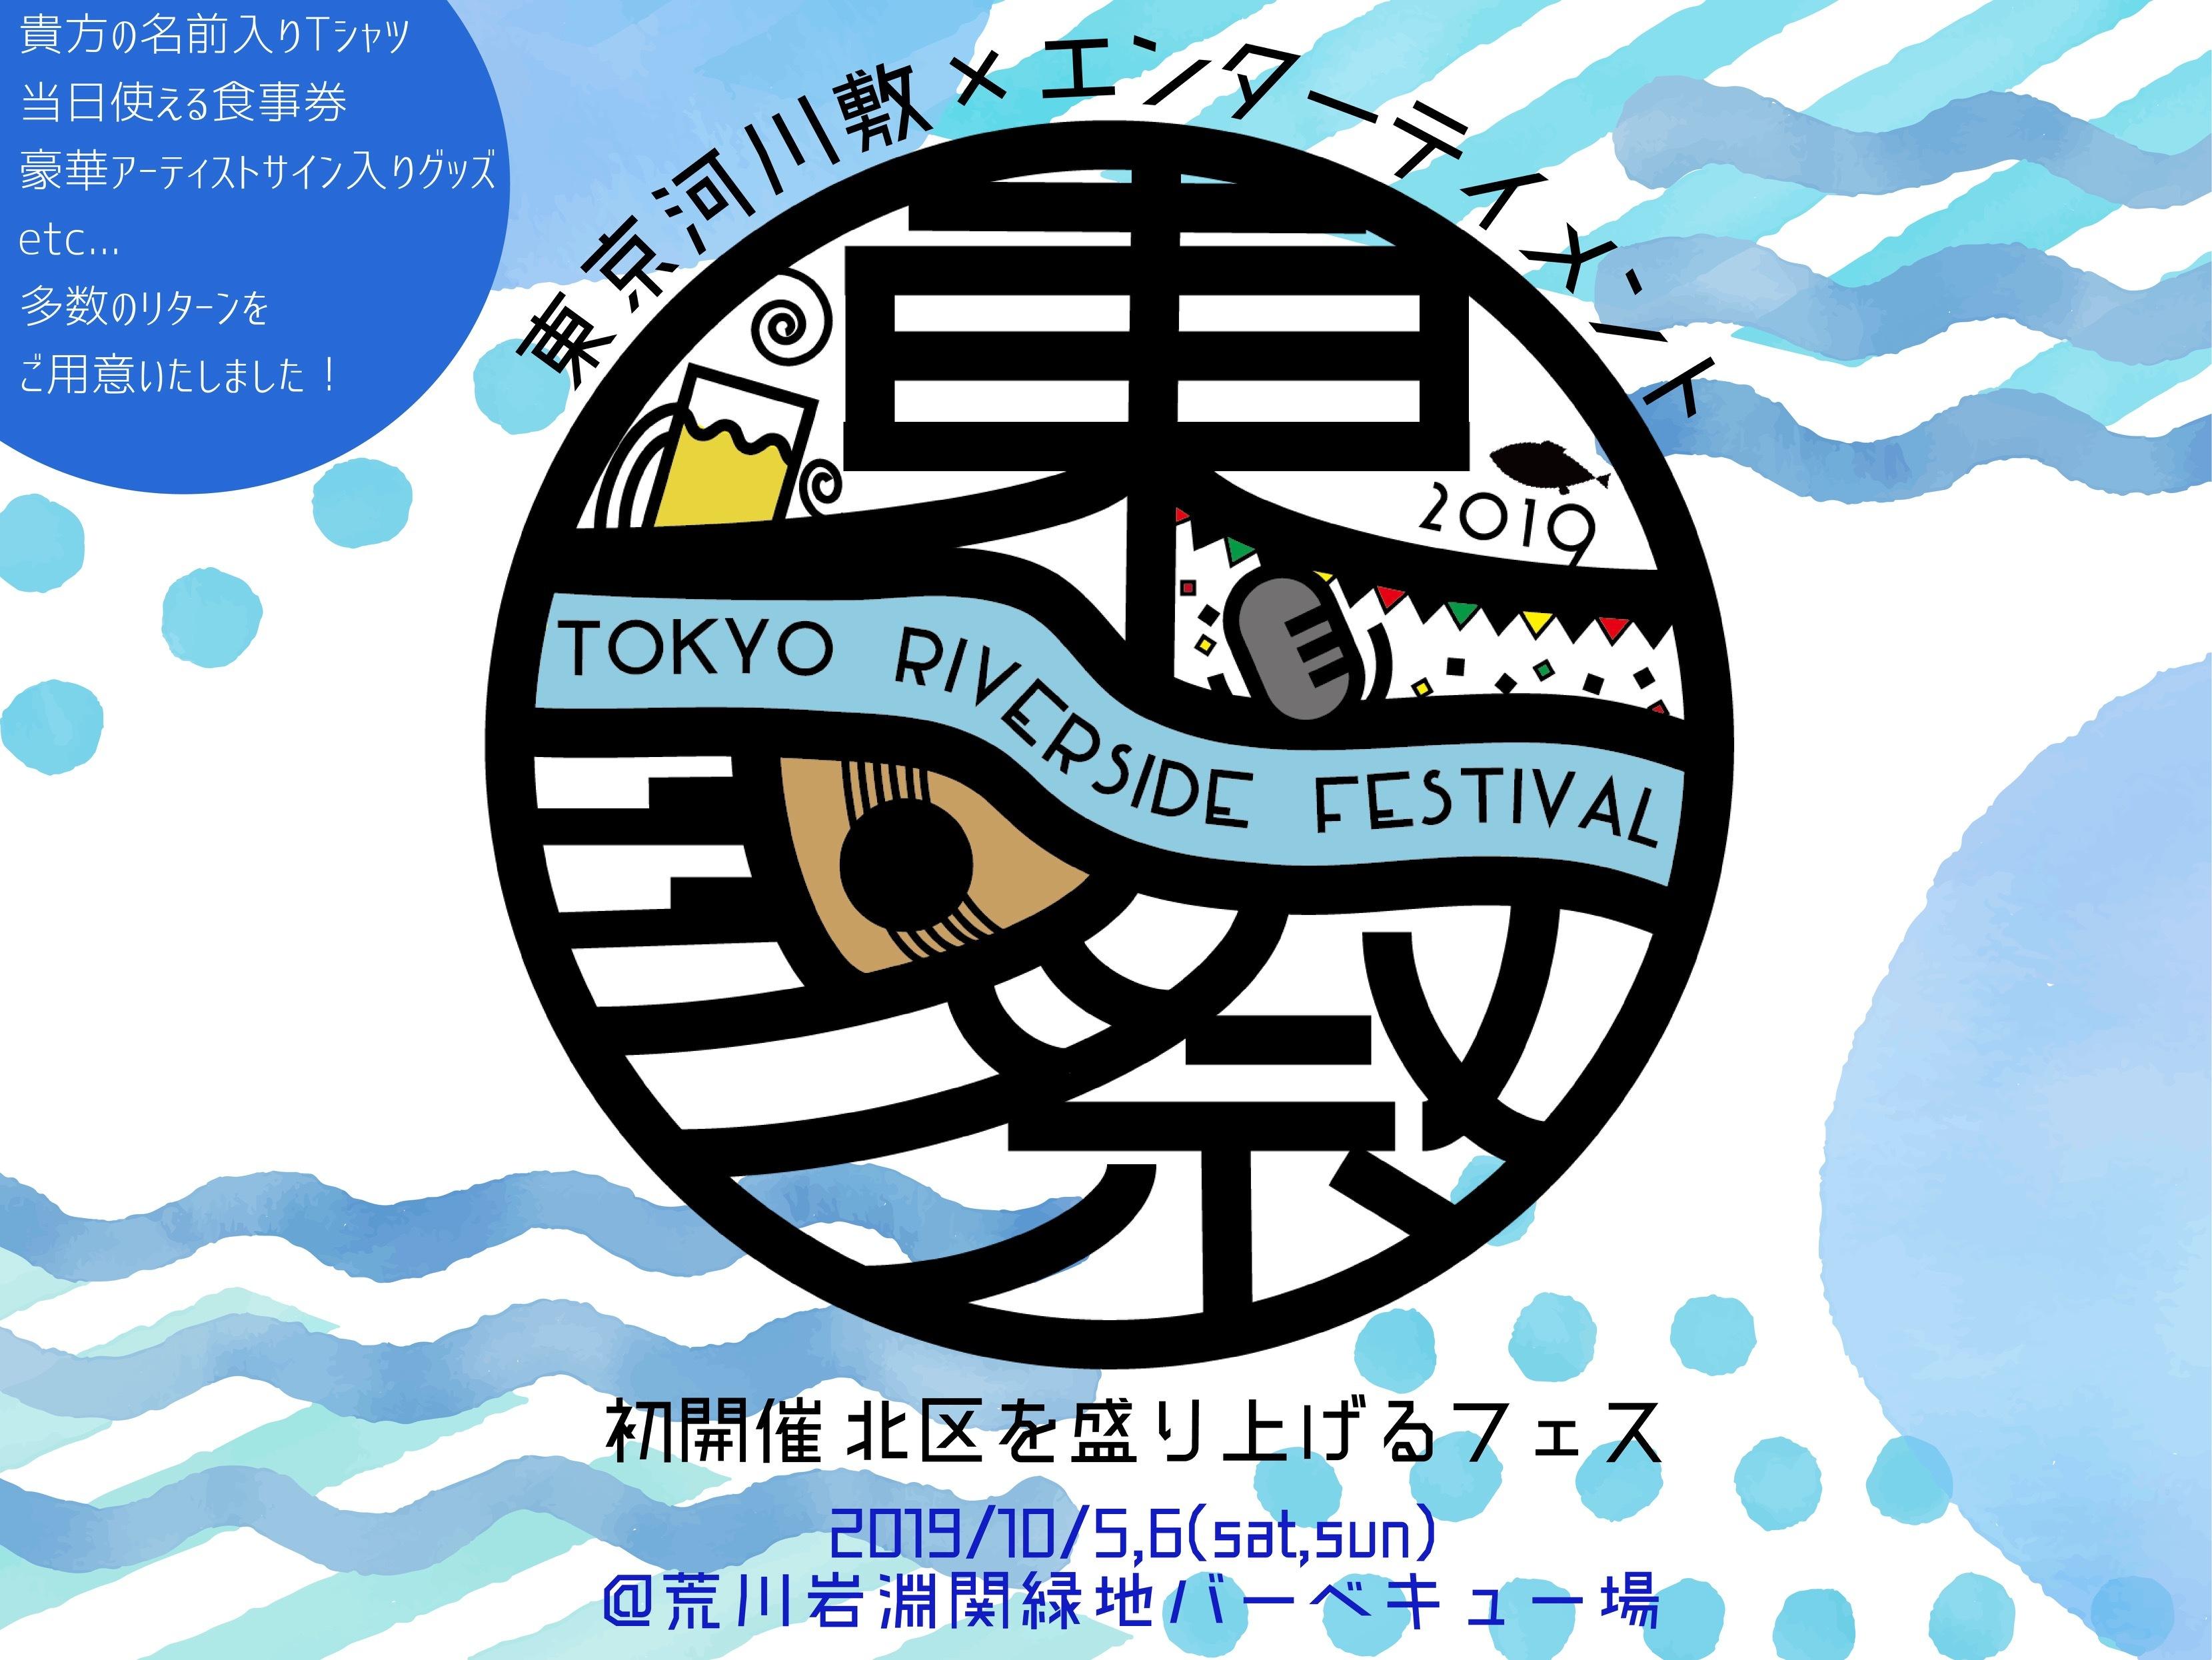 【TOKYO RIVERSIDE FESTIVAL2019】東京都北区の河川敷で初開催の音楽フェスを成功させたい!!